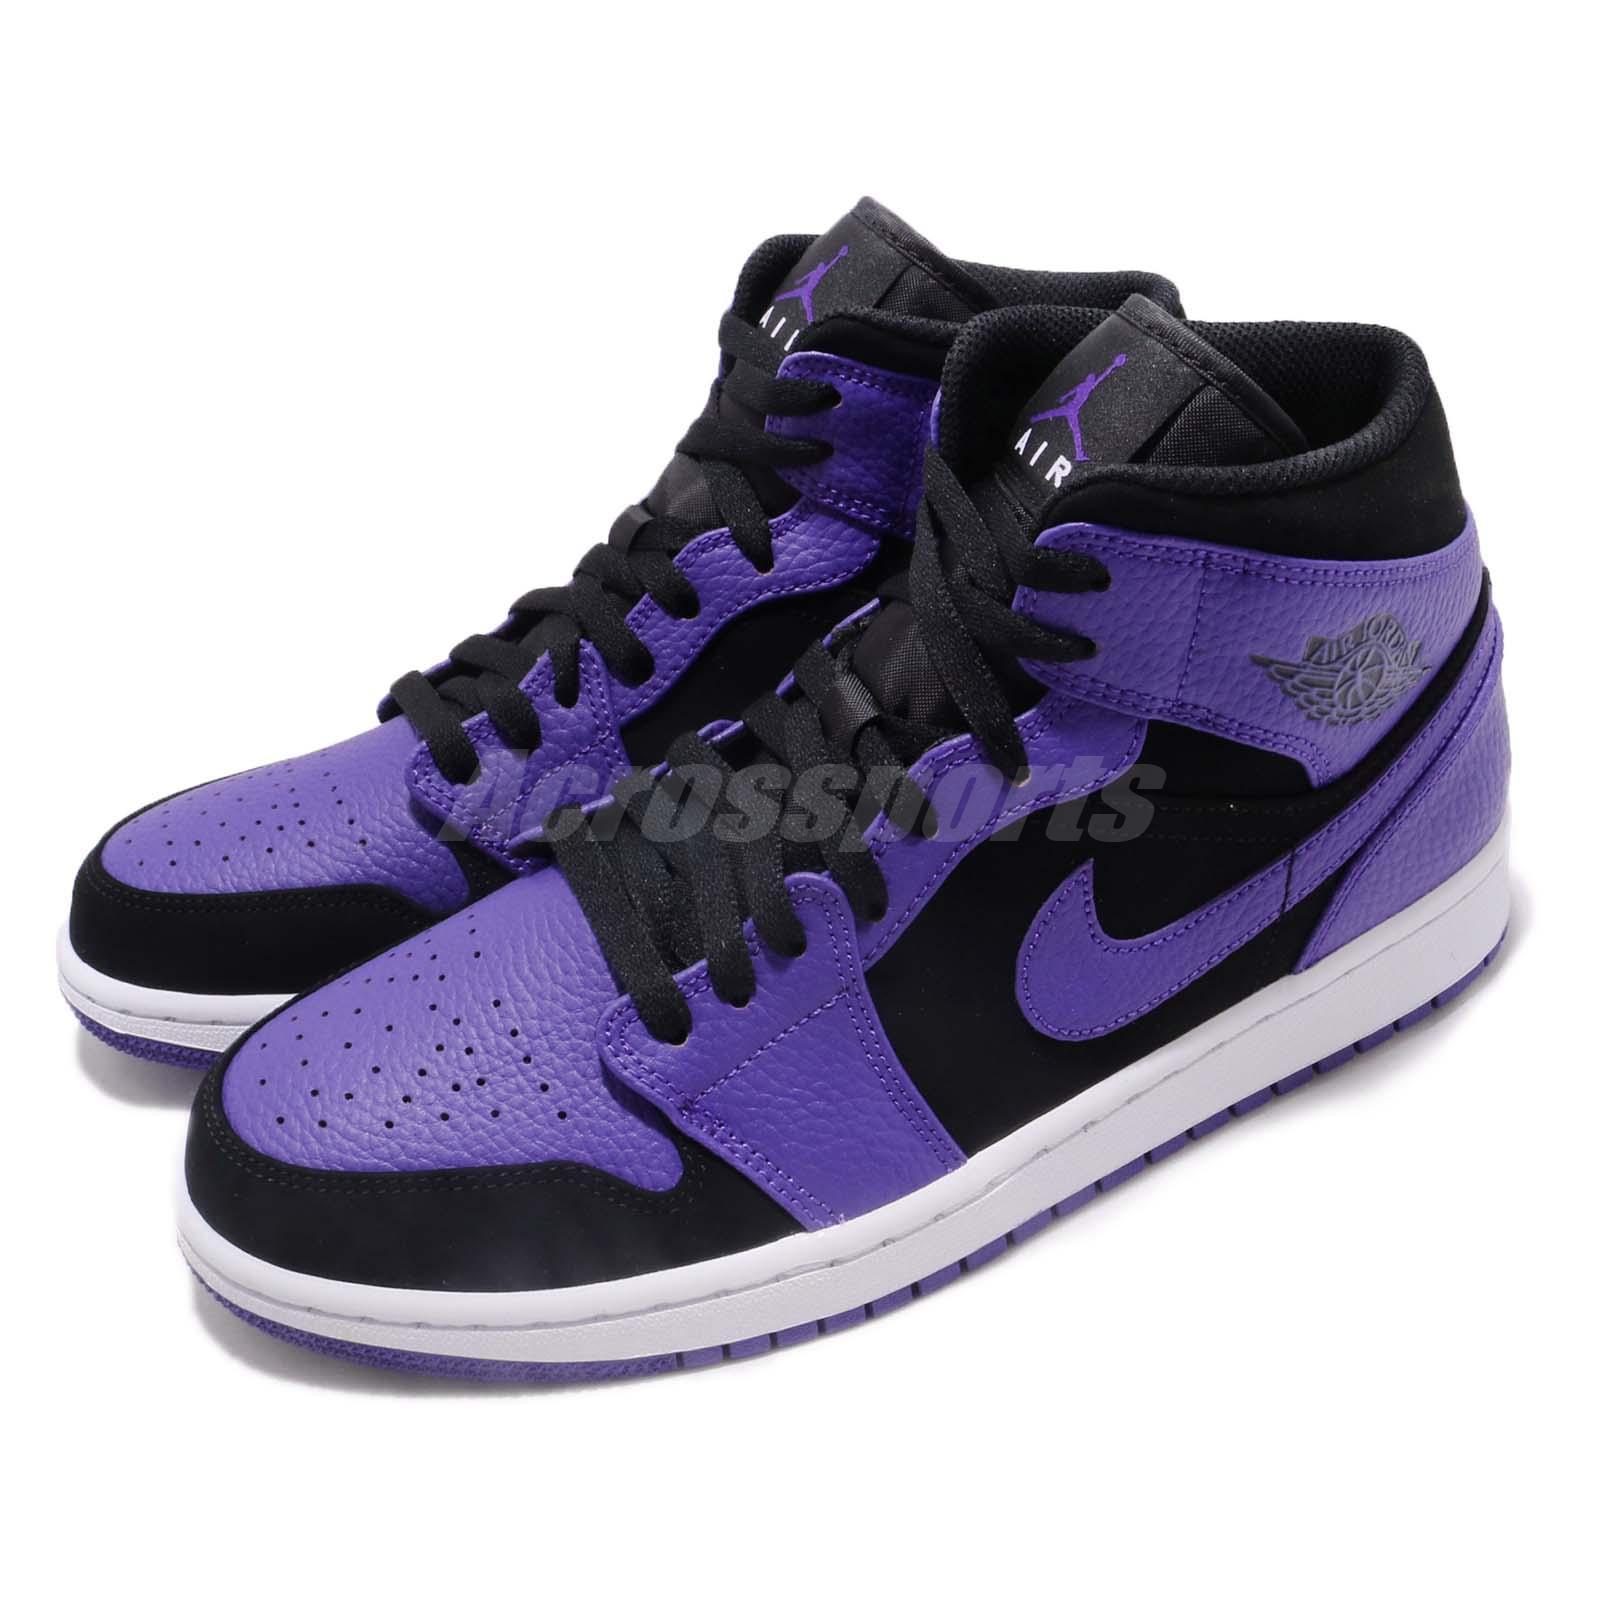 air jordan 1 purple